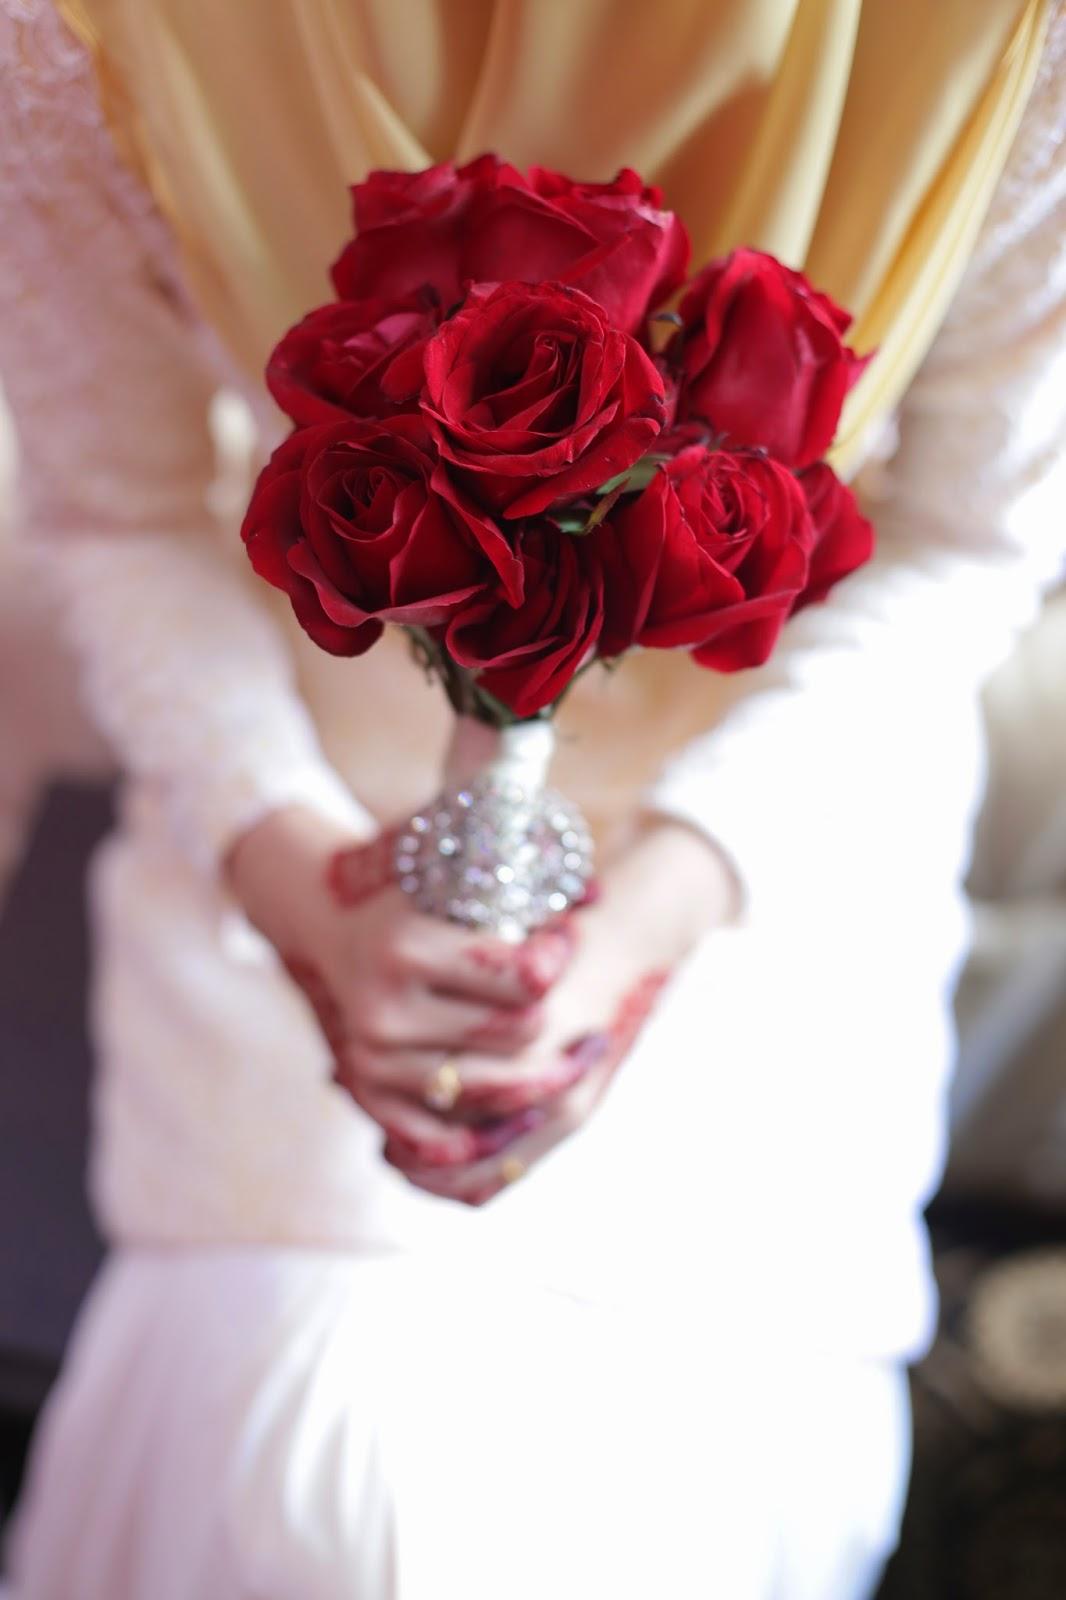 Diy Hand Bouquet Fresh Flower Images - Flower Wallpaper HD